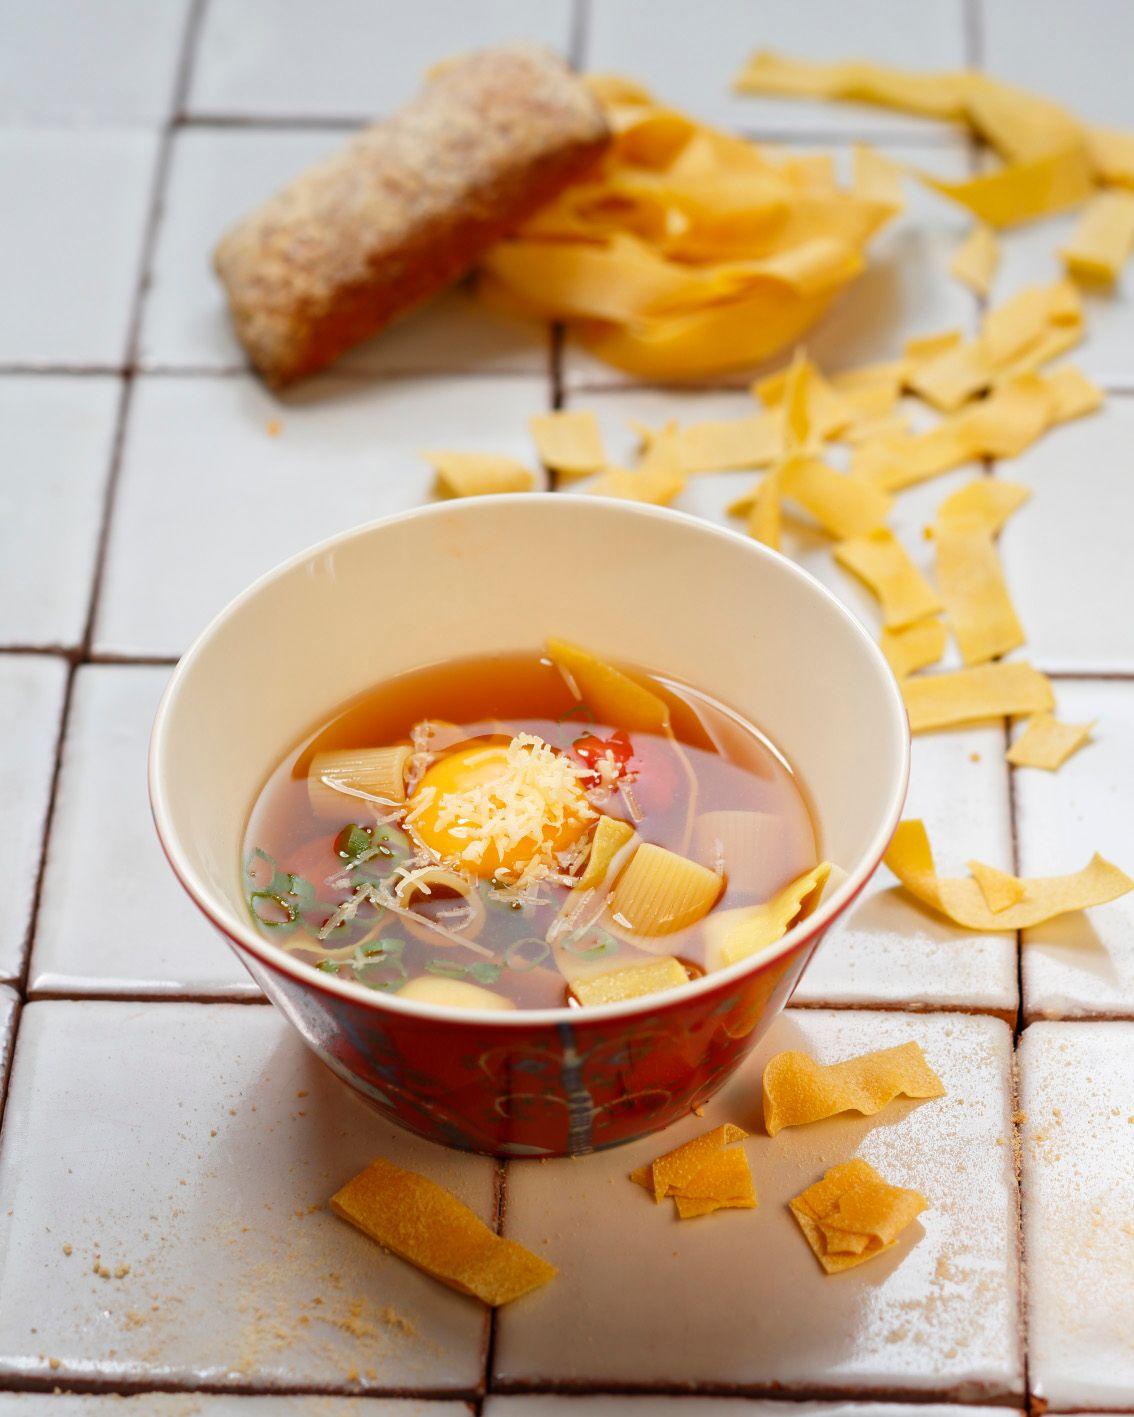 Klar tomat och pastasoppa IMG__01399.JPG